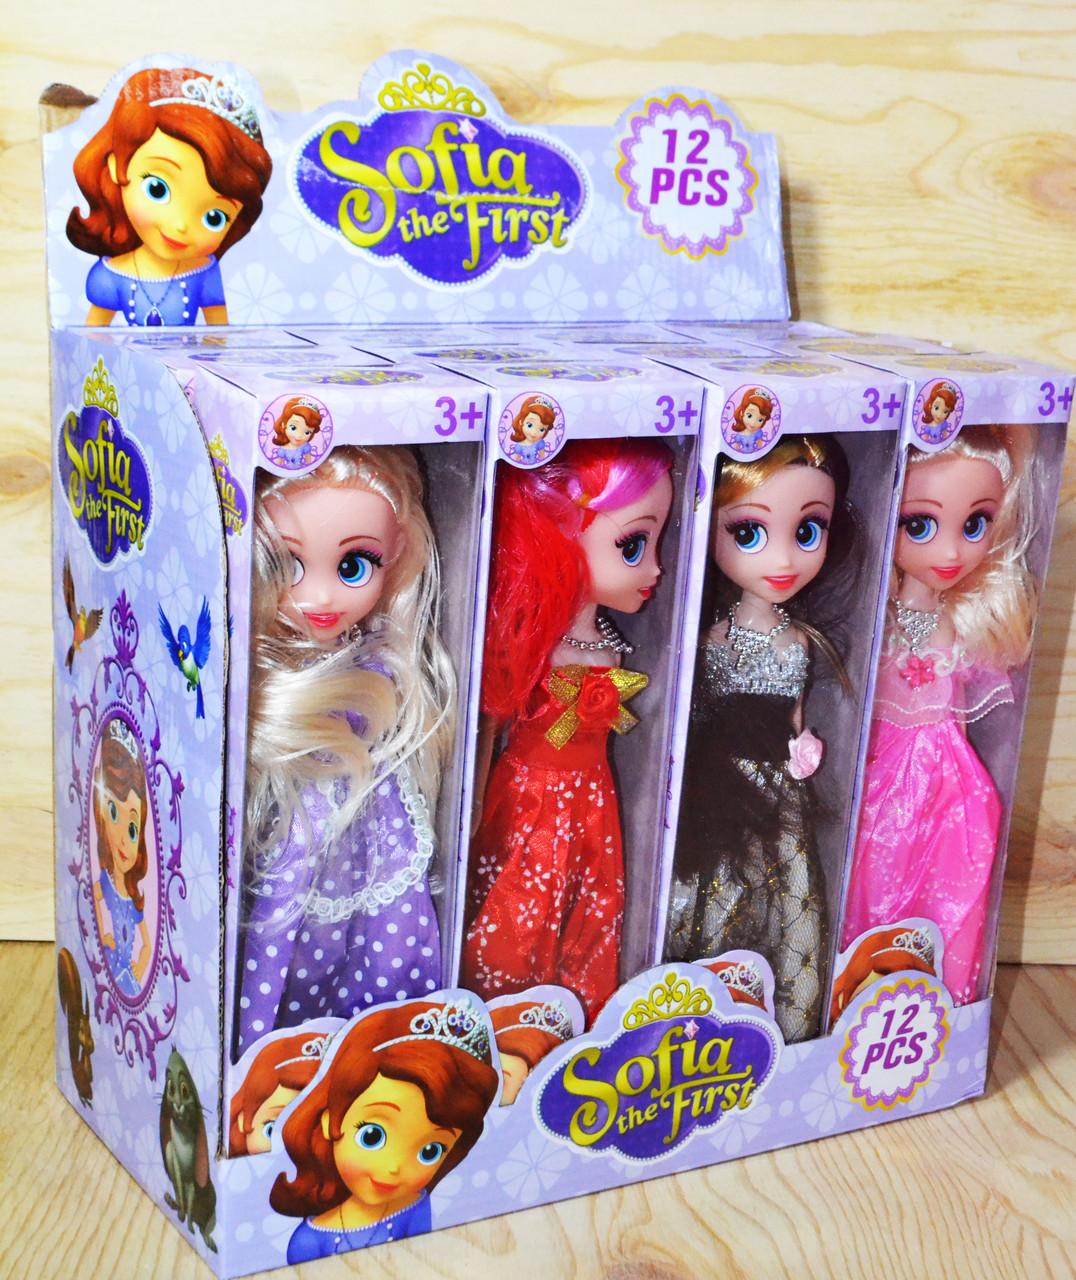 8781 София кукла 4 вида 12шт цена за 1шт 26*7см